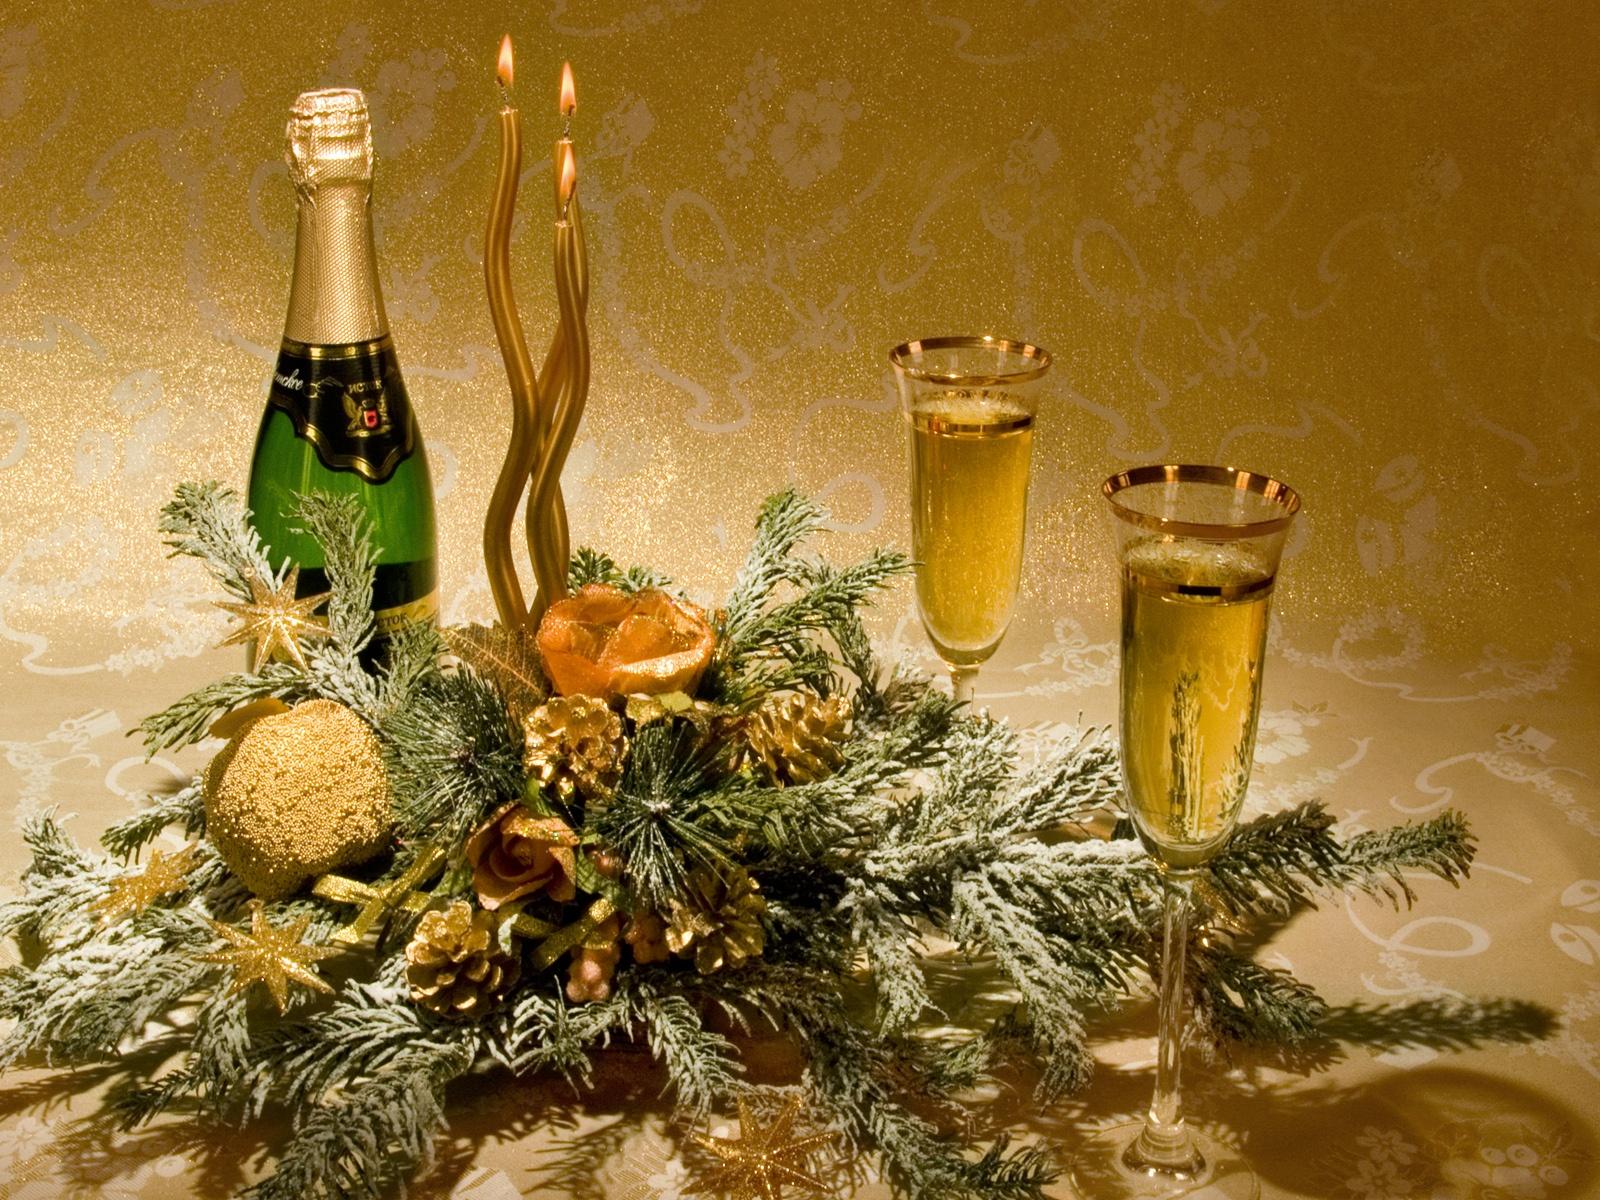 Шампанское с Новым годом - C наступающим новым годом 2017 поздравительные картинки